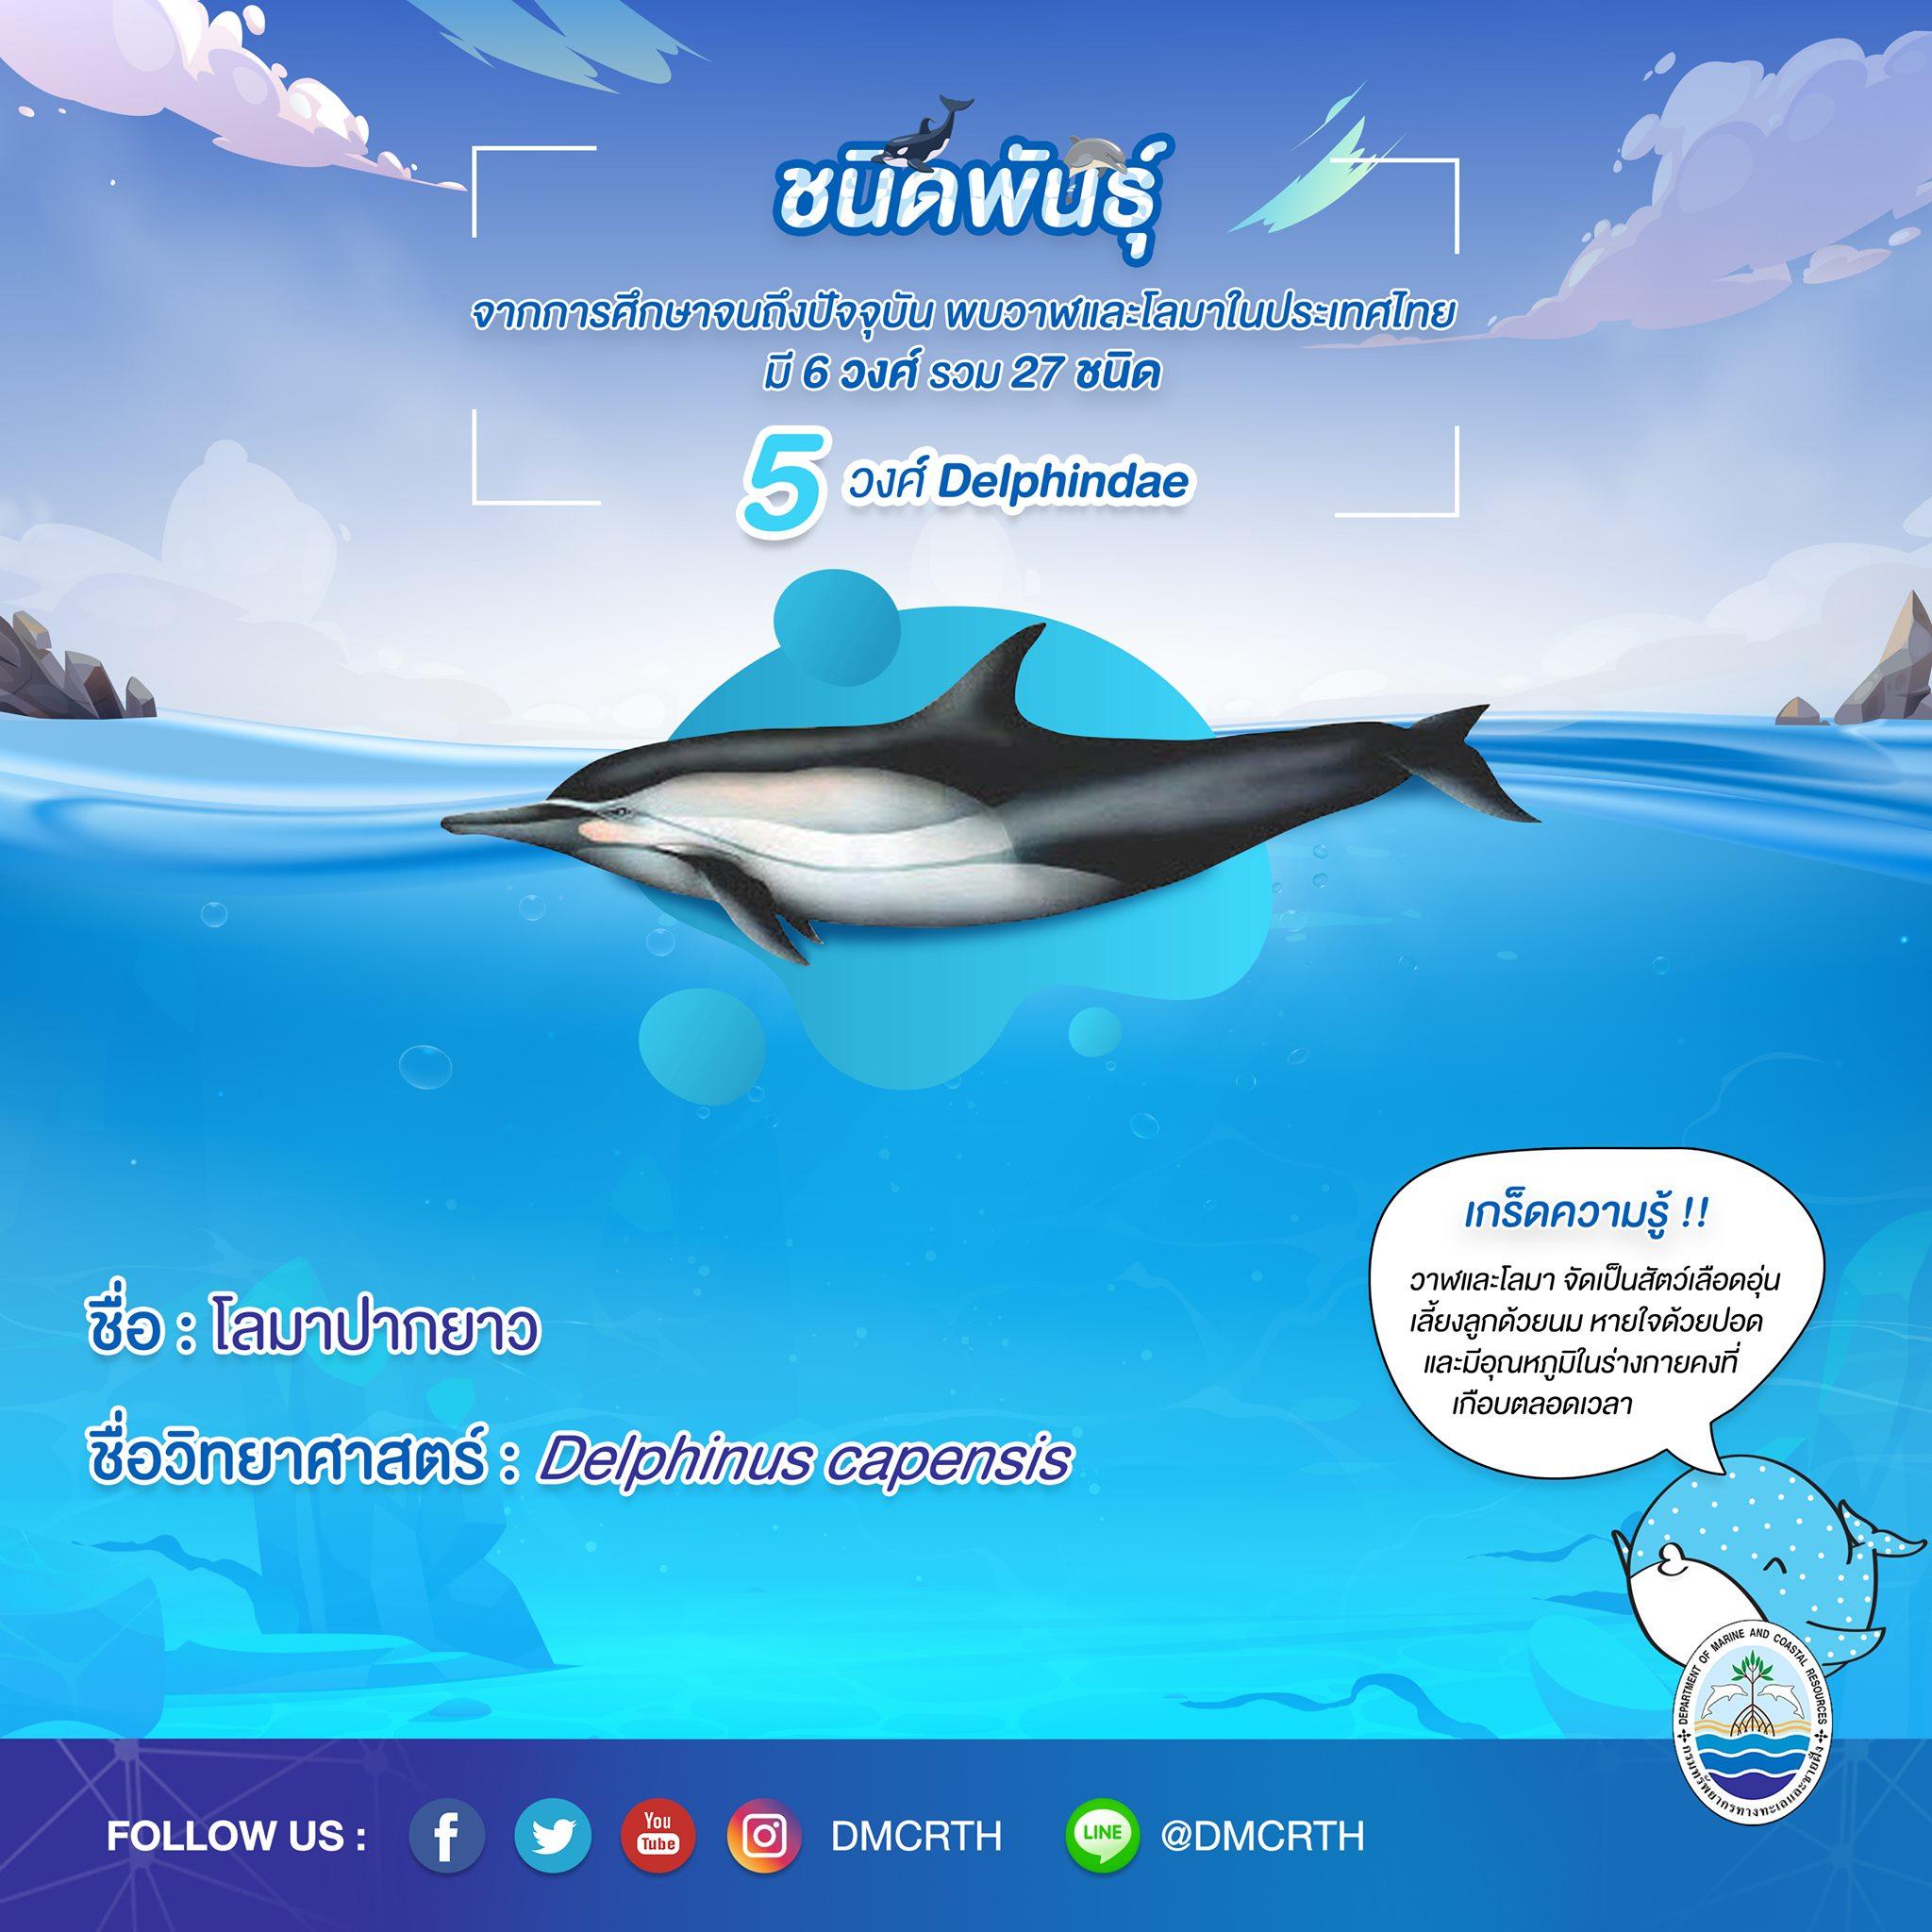 รู้จักเรา รู้จักวาฬ/โลมา วันละชนิด #๒๐ โลมาปากยาว